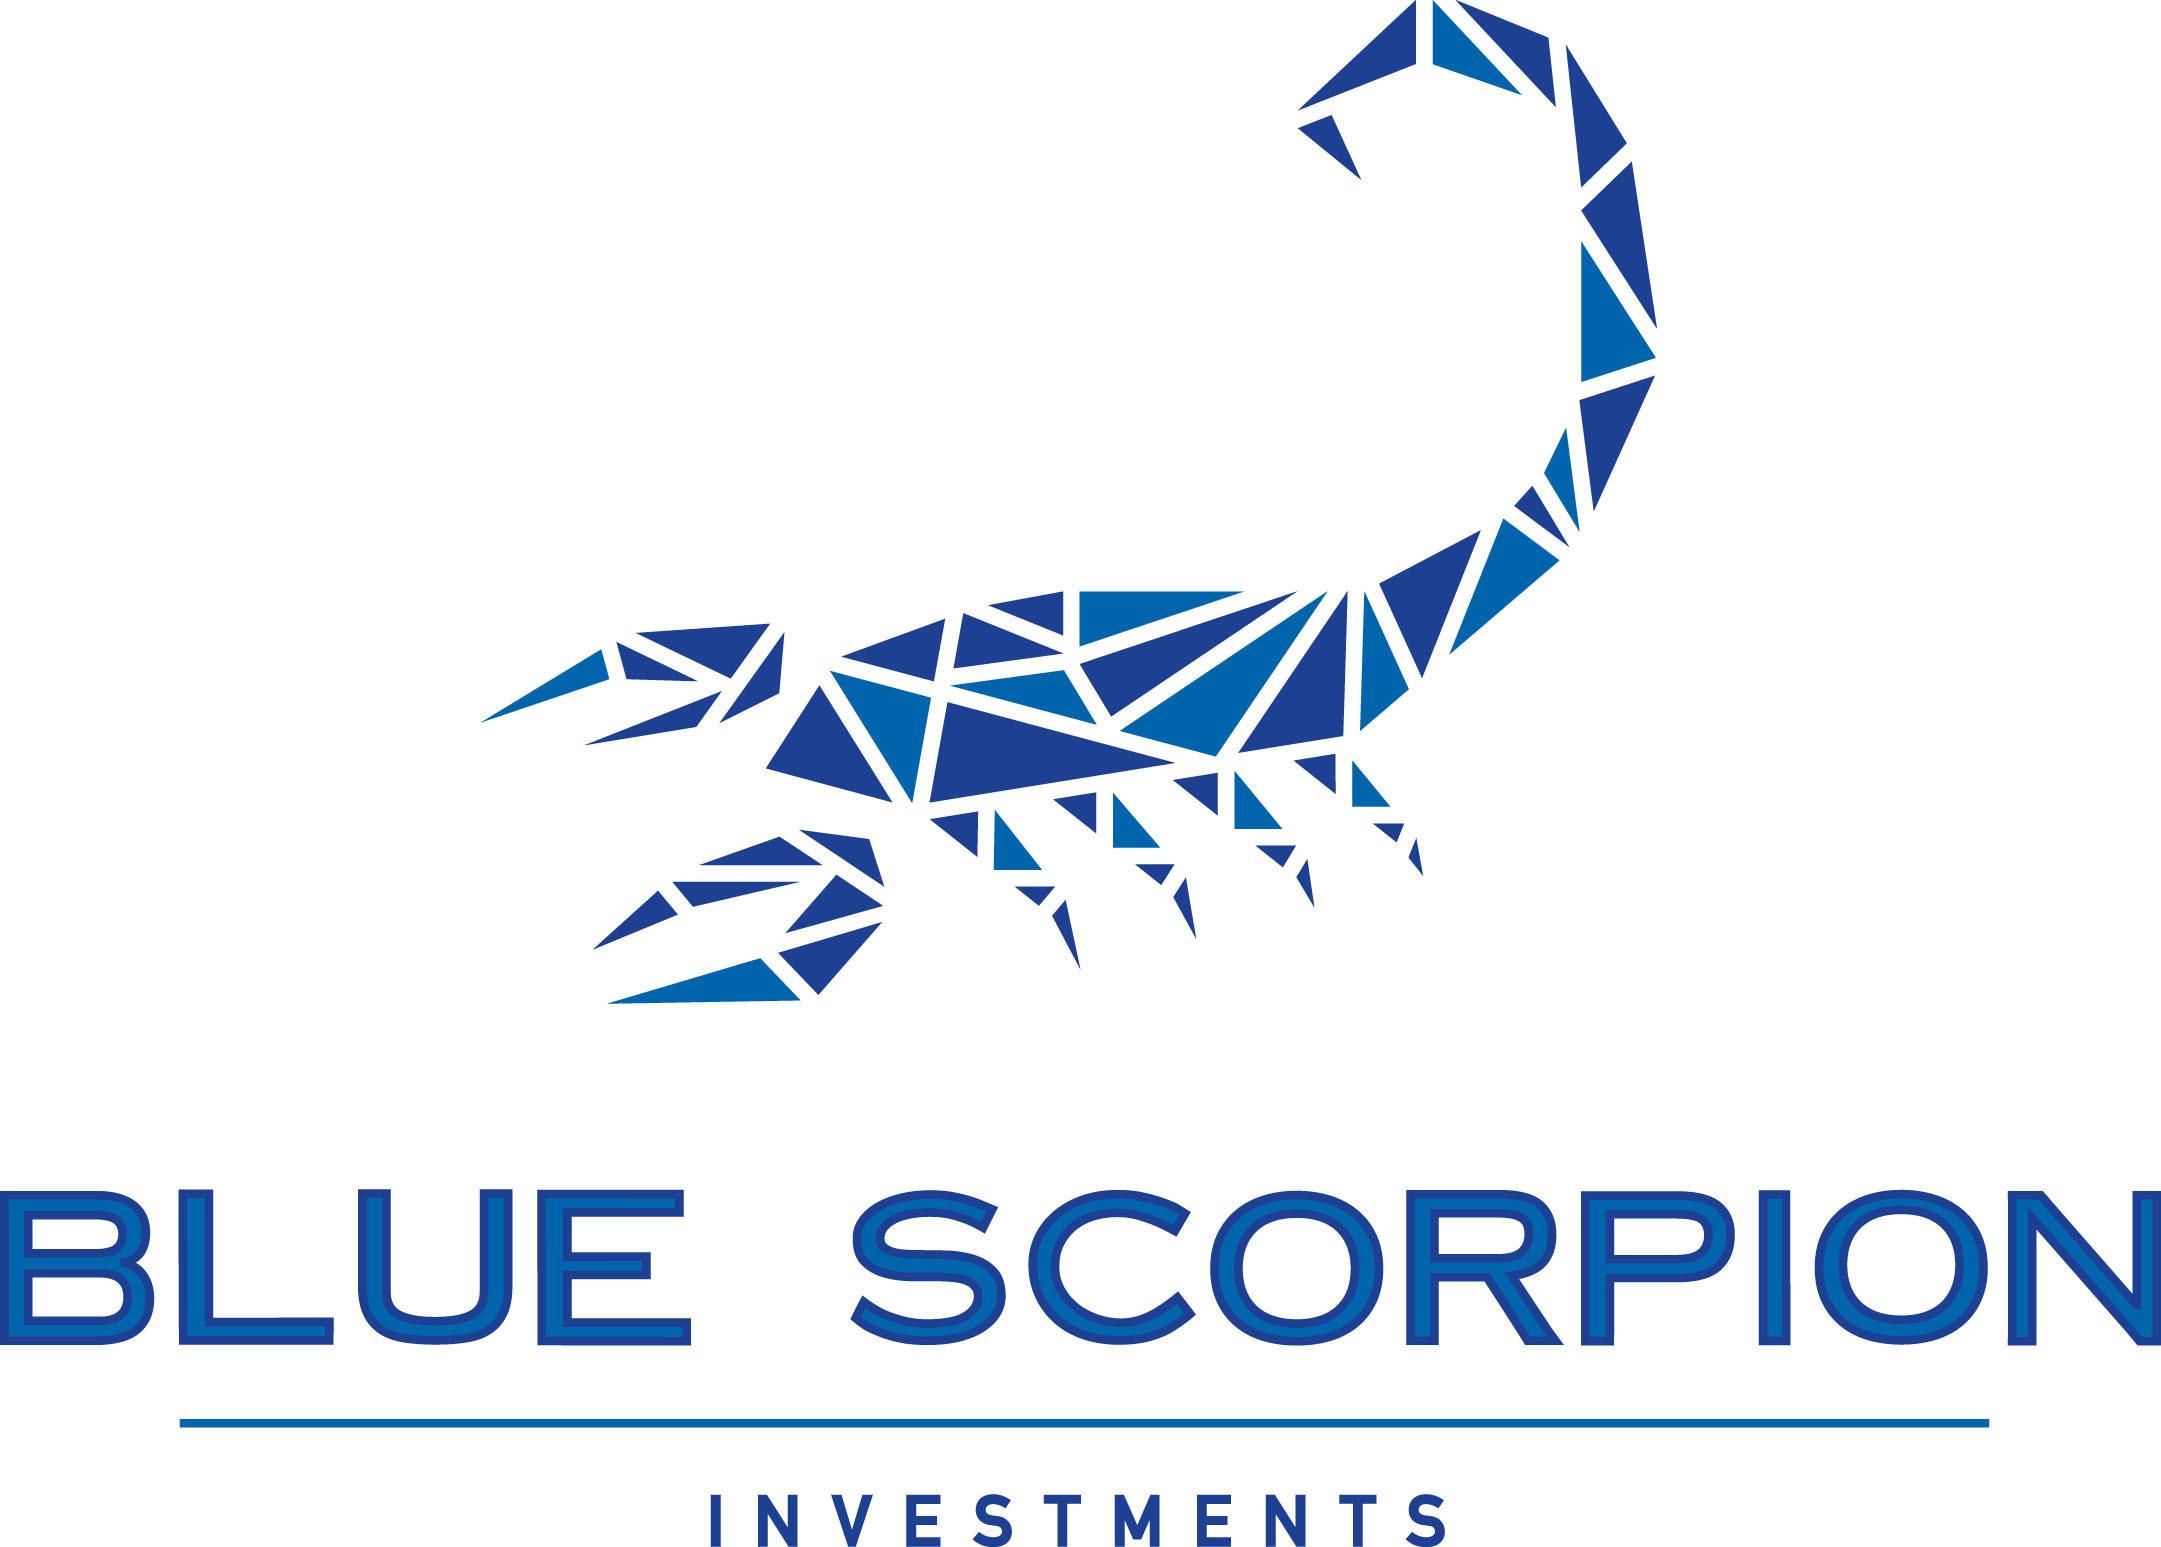 Blue Scorpion Logo